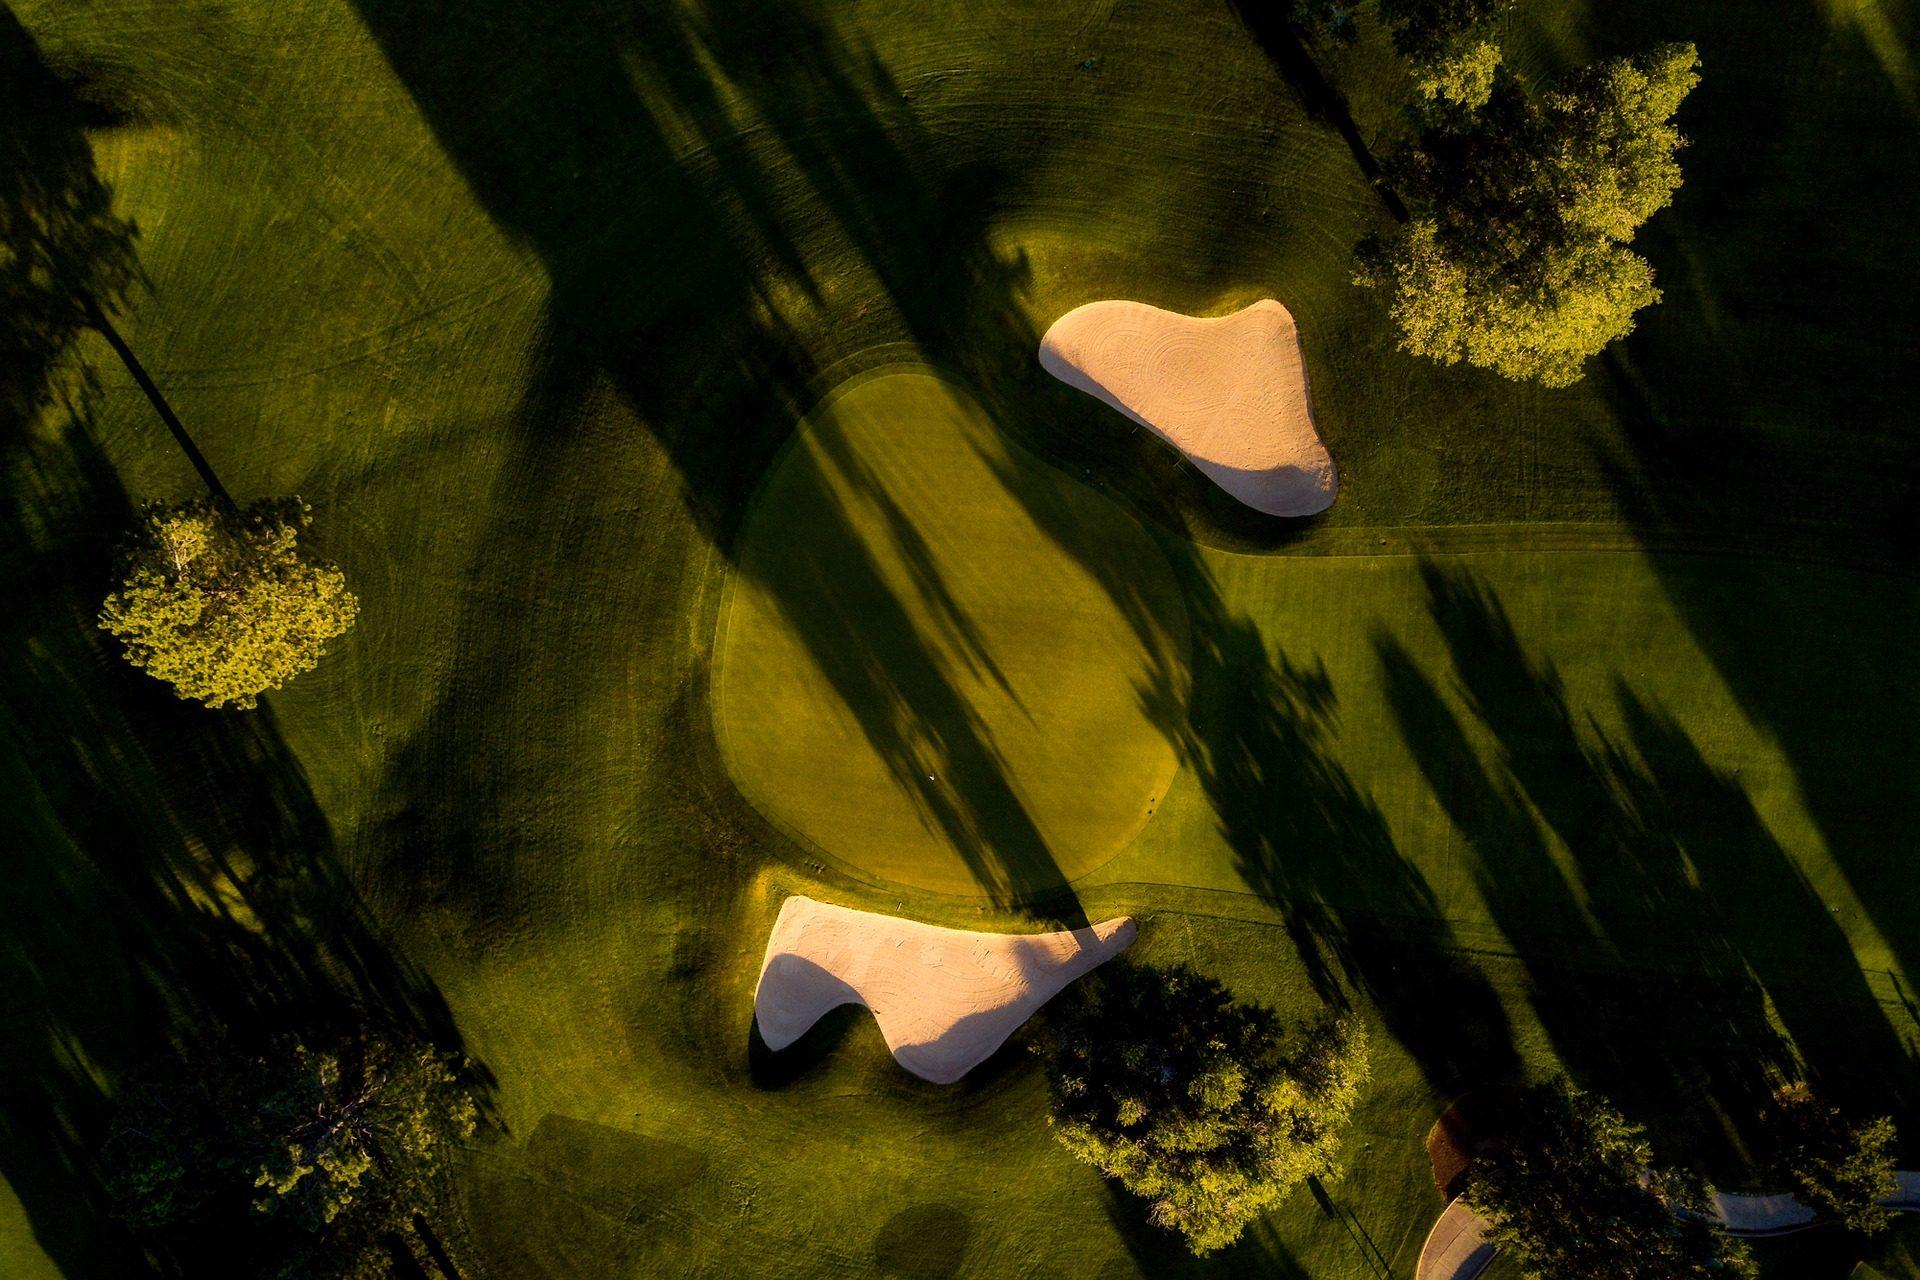 campo, Golf, grama, verde, poço, bunker, areia - Papéis de parede HD - Professor-falken.com